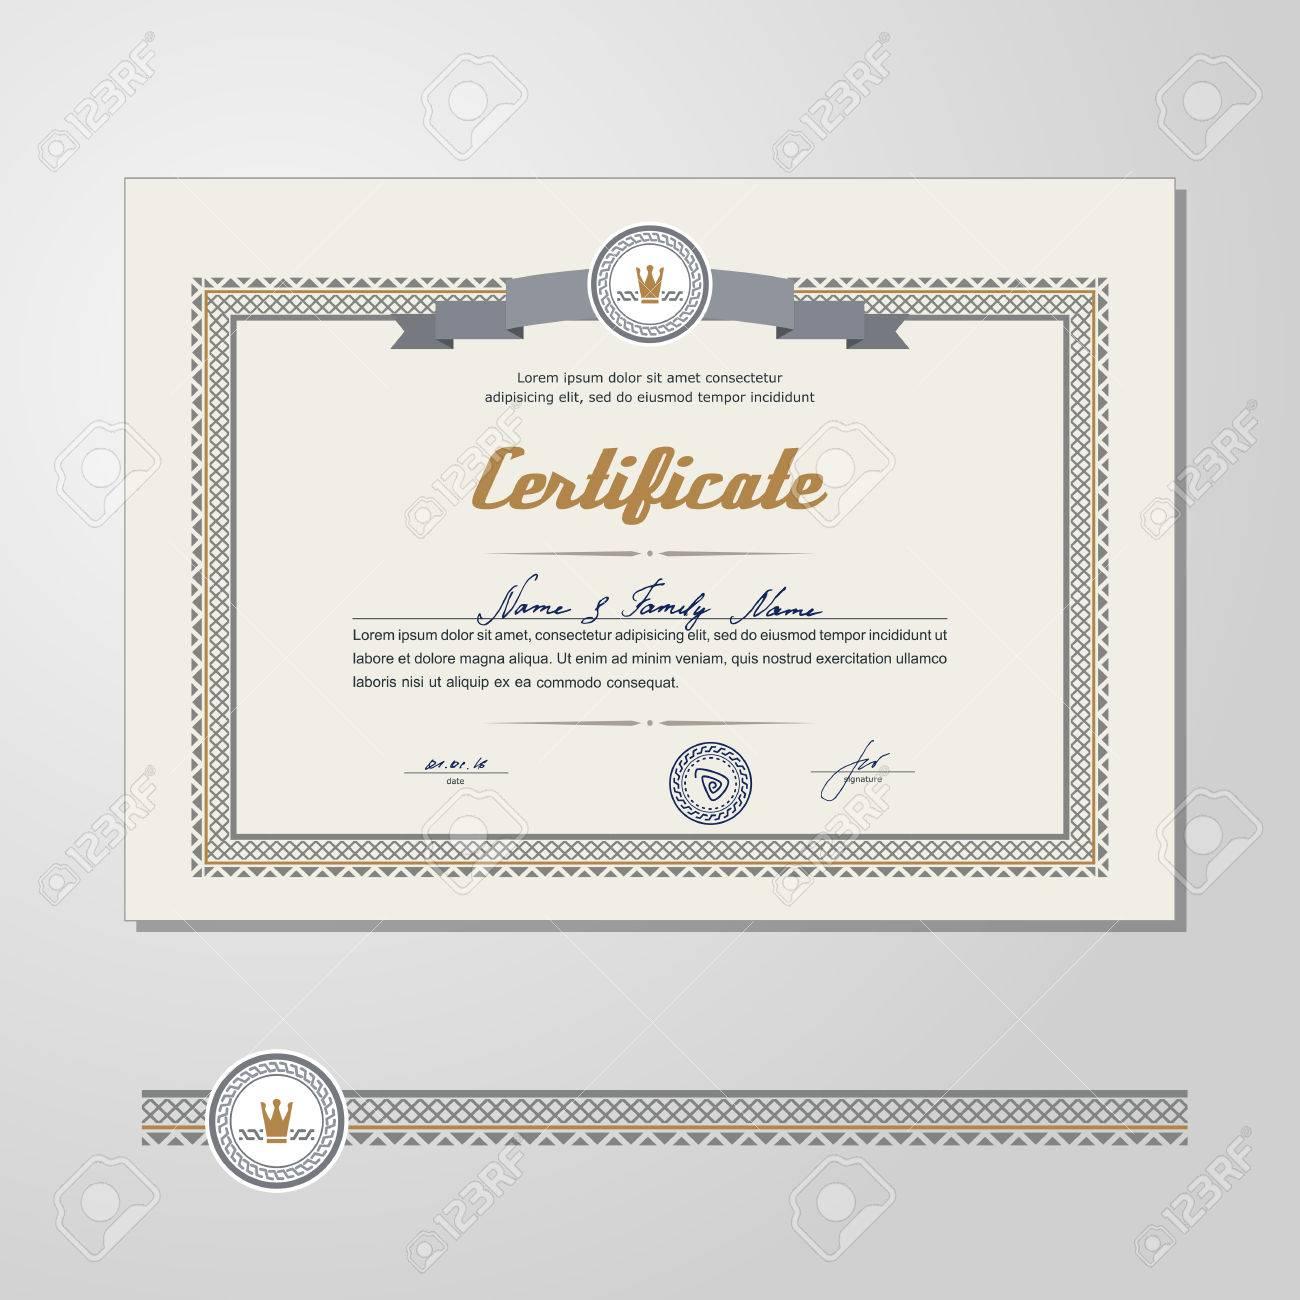 Certificado, Diploma, Plantilla De Diseño. Un Vector. Ilustraciones ...